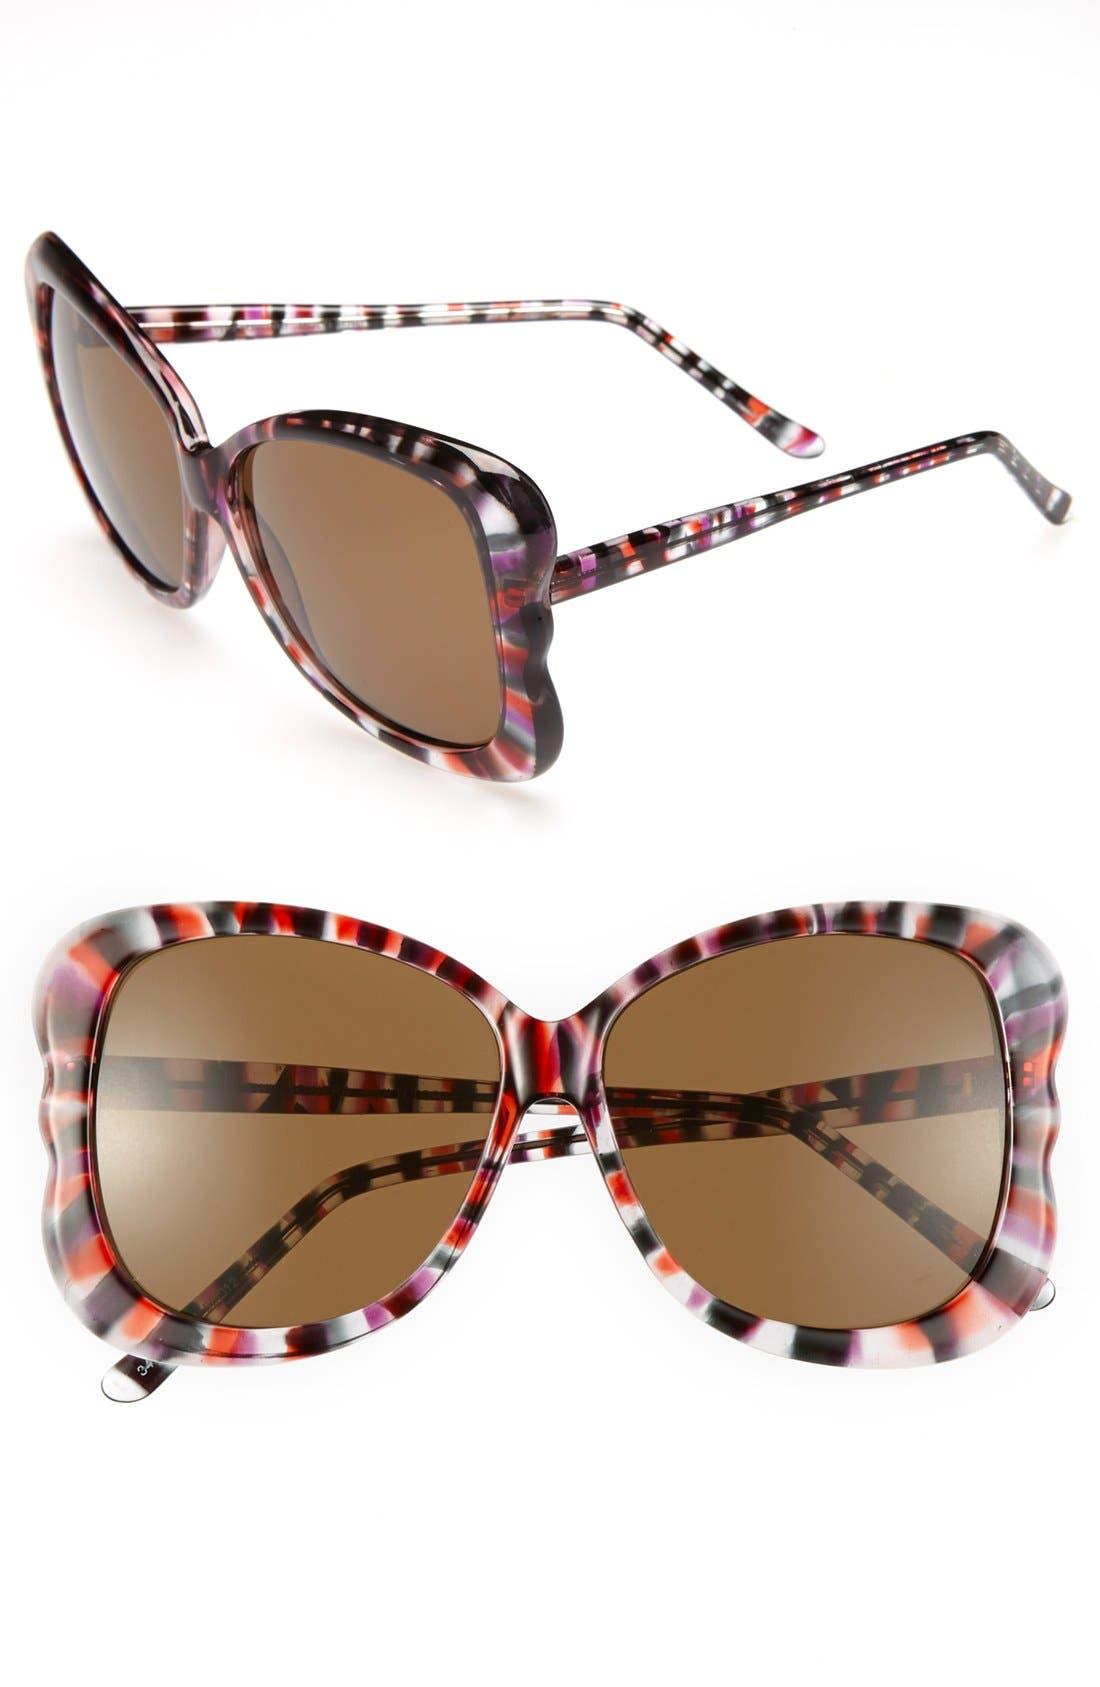 Alternate Image 1 Selected - Outlook Eyewear 'Towers' 56mm Sunglasses